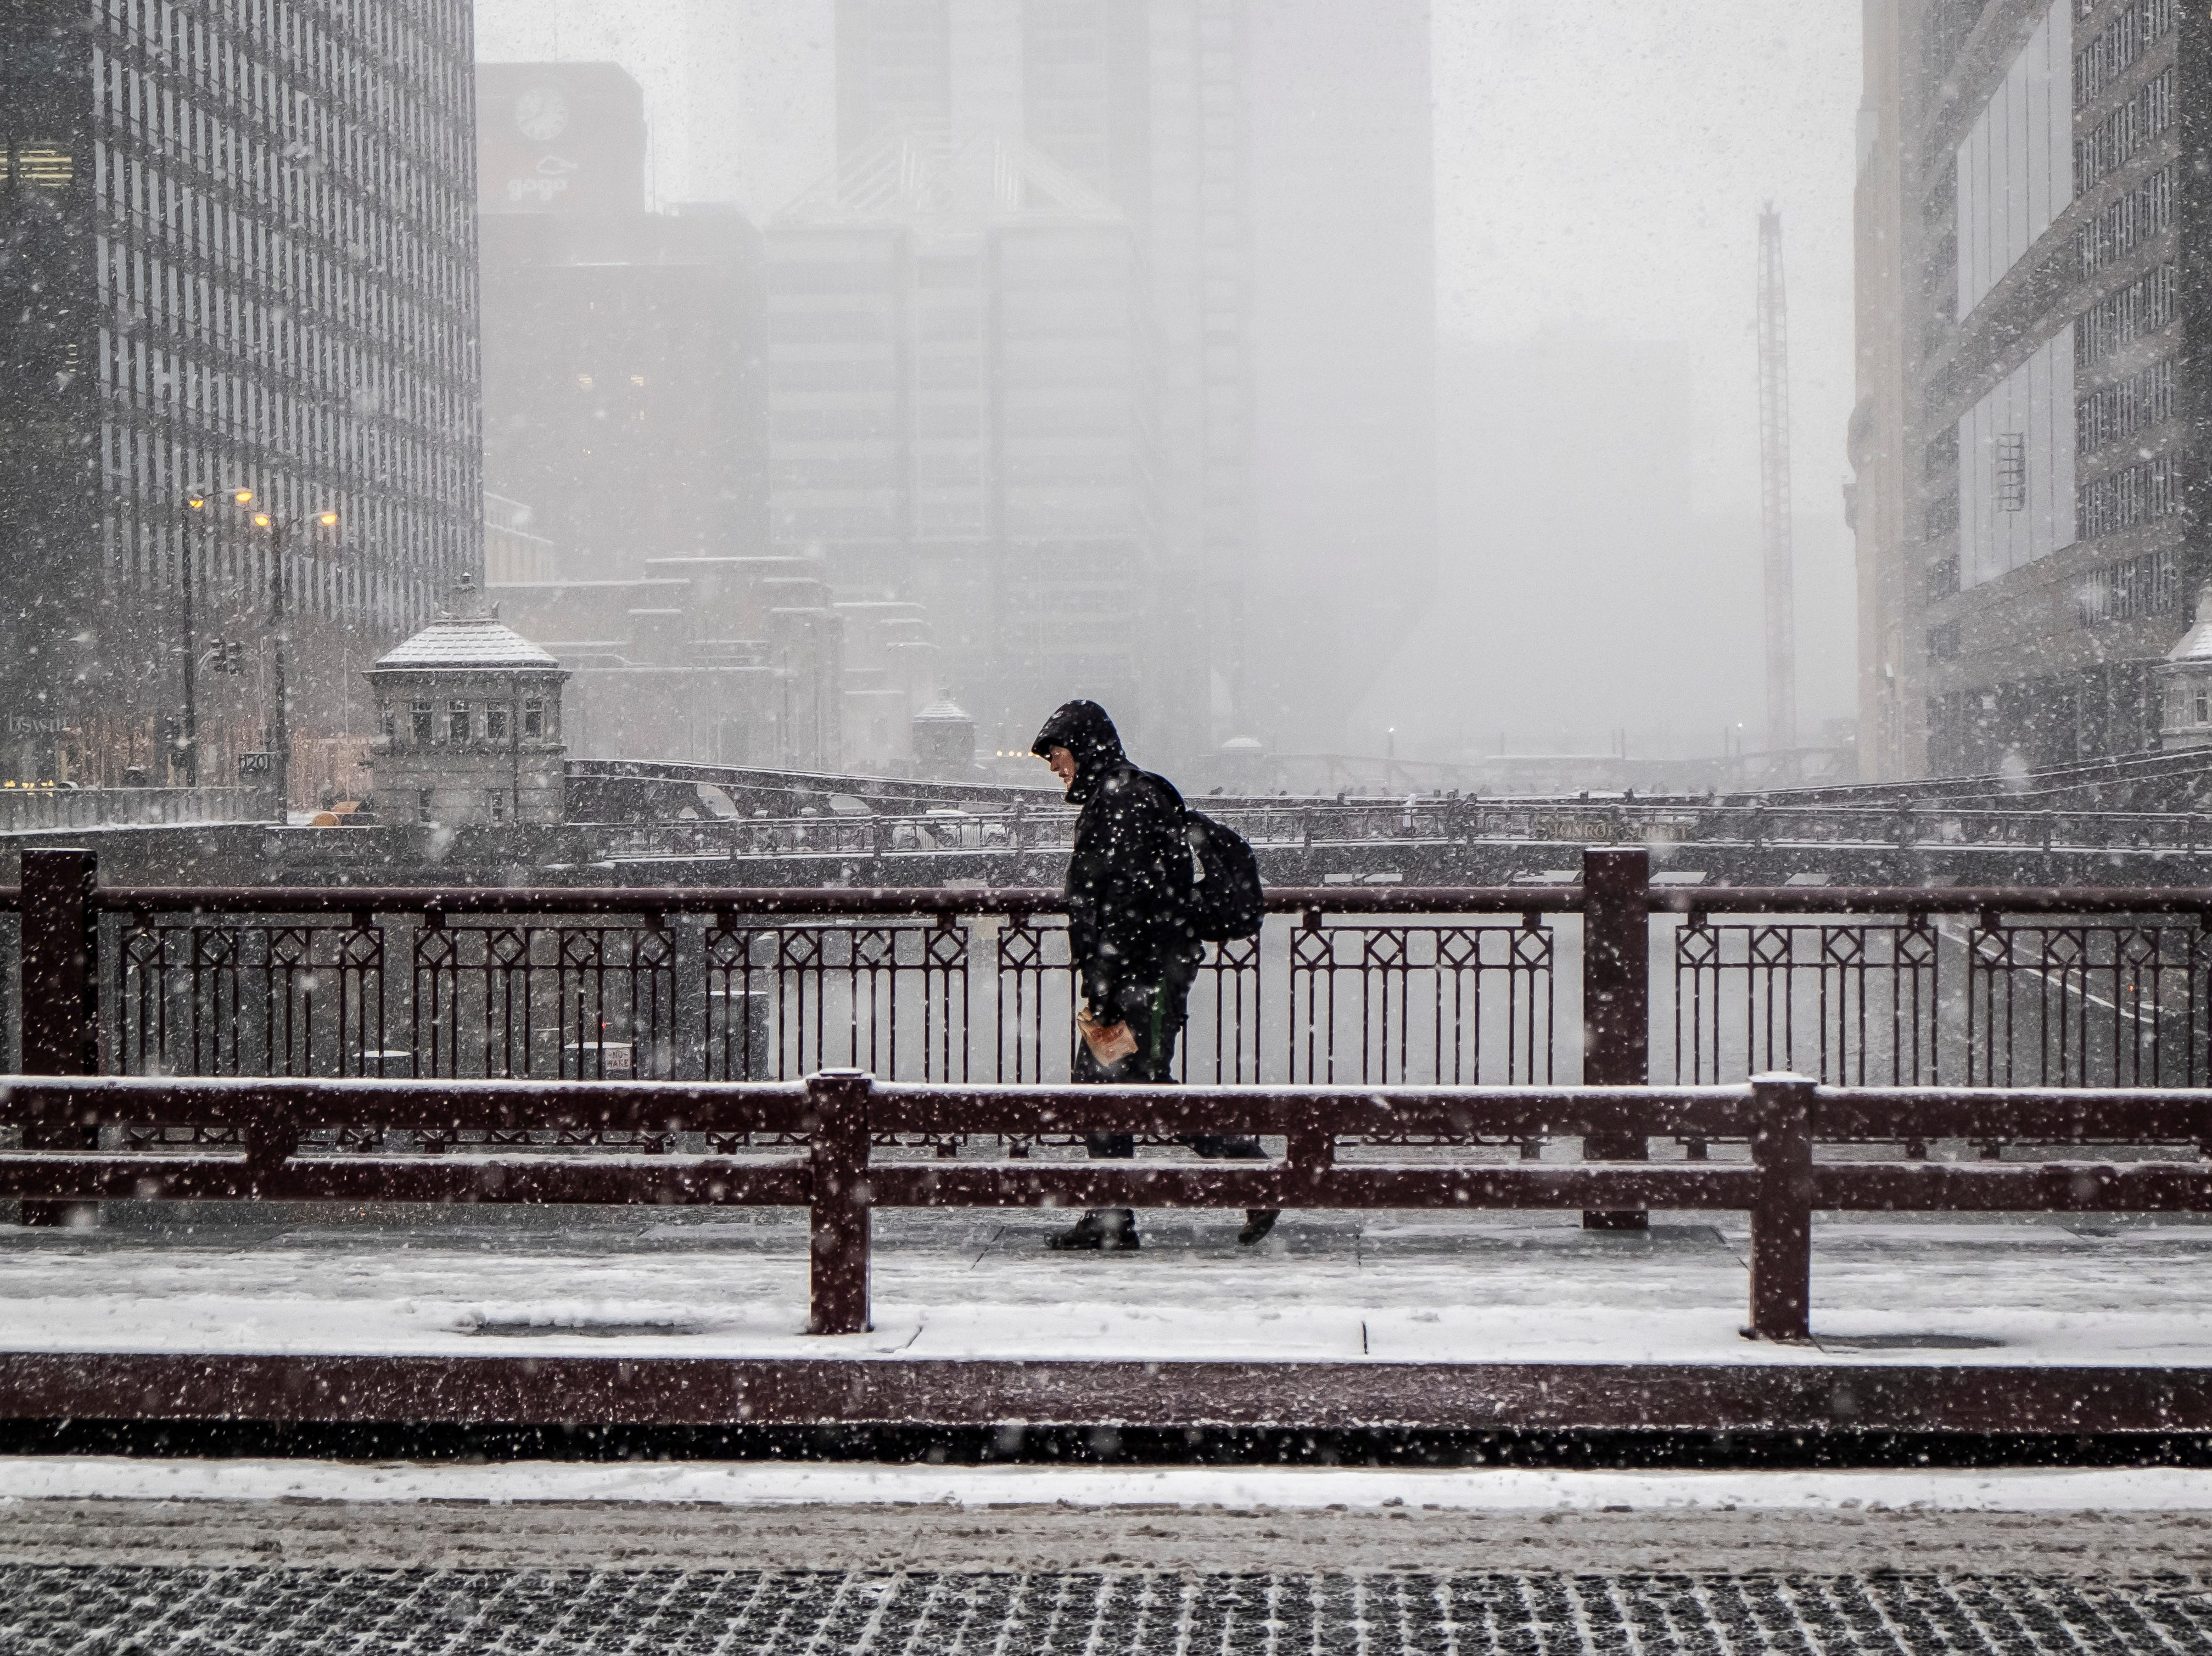 Un residente cruzan el río Chicago en la calle Adams, en Chicago el 26 de noviembre de 2018. Una tempestad invernal trajo condiciones de tormenta de nieve a partes del Medio Oeste el lunes temprano, aterrizando cientos de vuelos y causando un caos en el tráfico mientras los viajeros regresaban al trabajo después del fin de semana de Acción de Gracias.